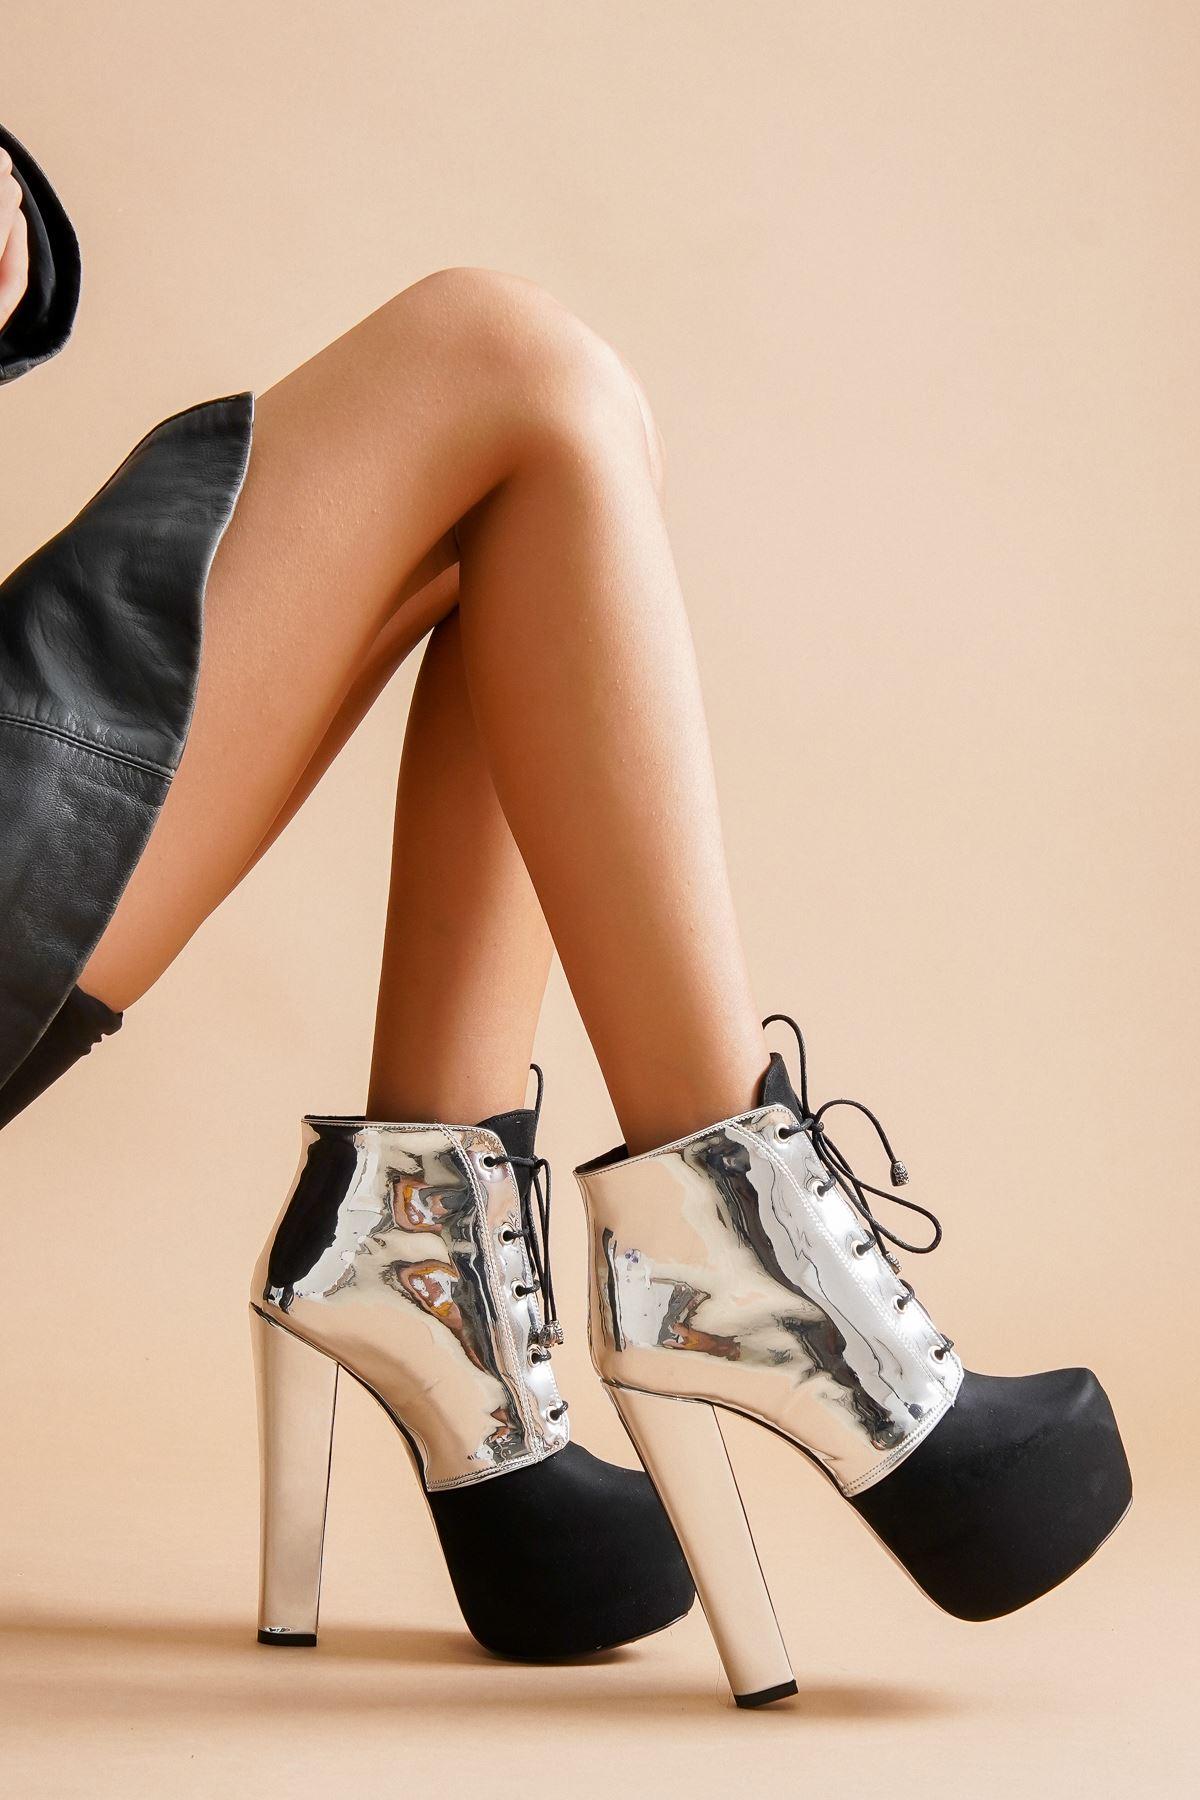 Leander Siyah - Platin Bağcıklı Yüksek Topuklu Kadın Bot